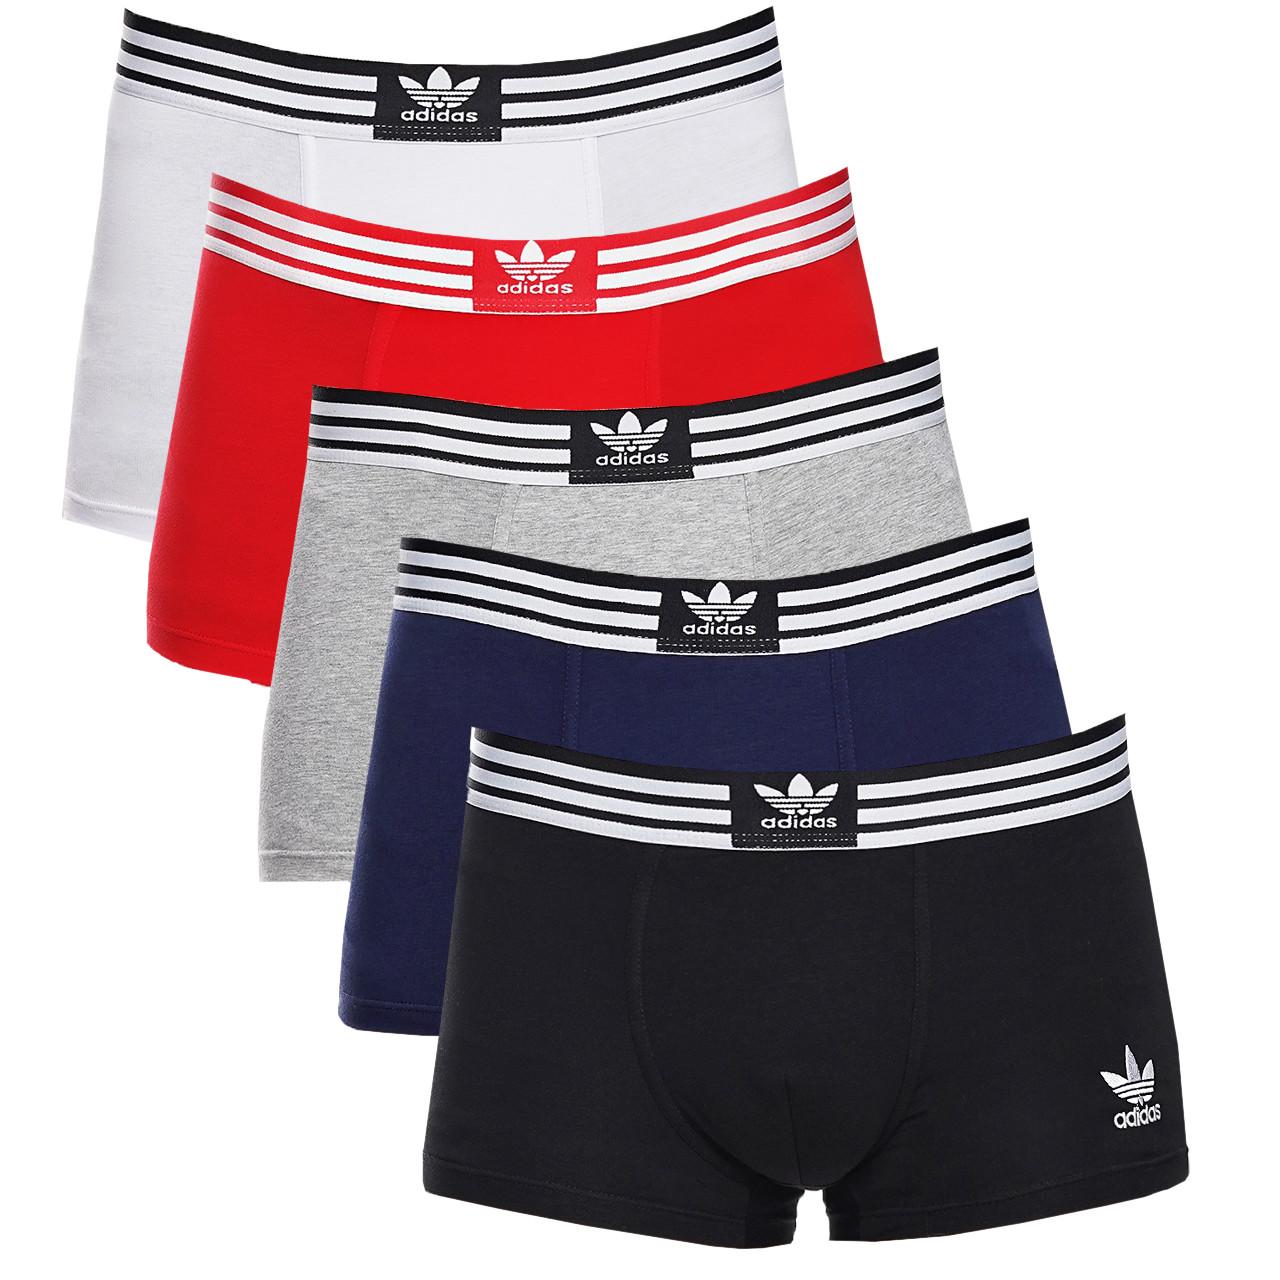 Набор мужских трусов боксеров Adidas (5шт) в подарочной коробке хлопок Размер 2XL